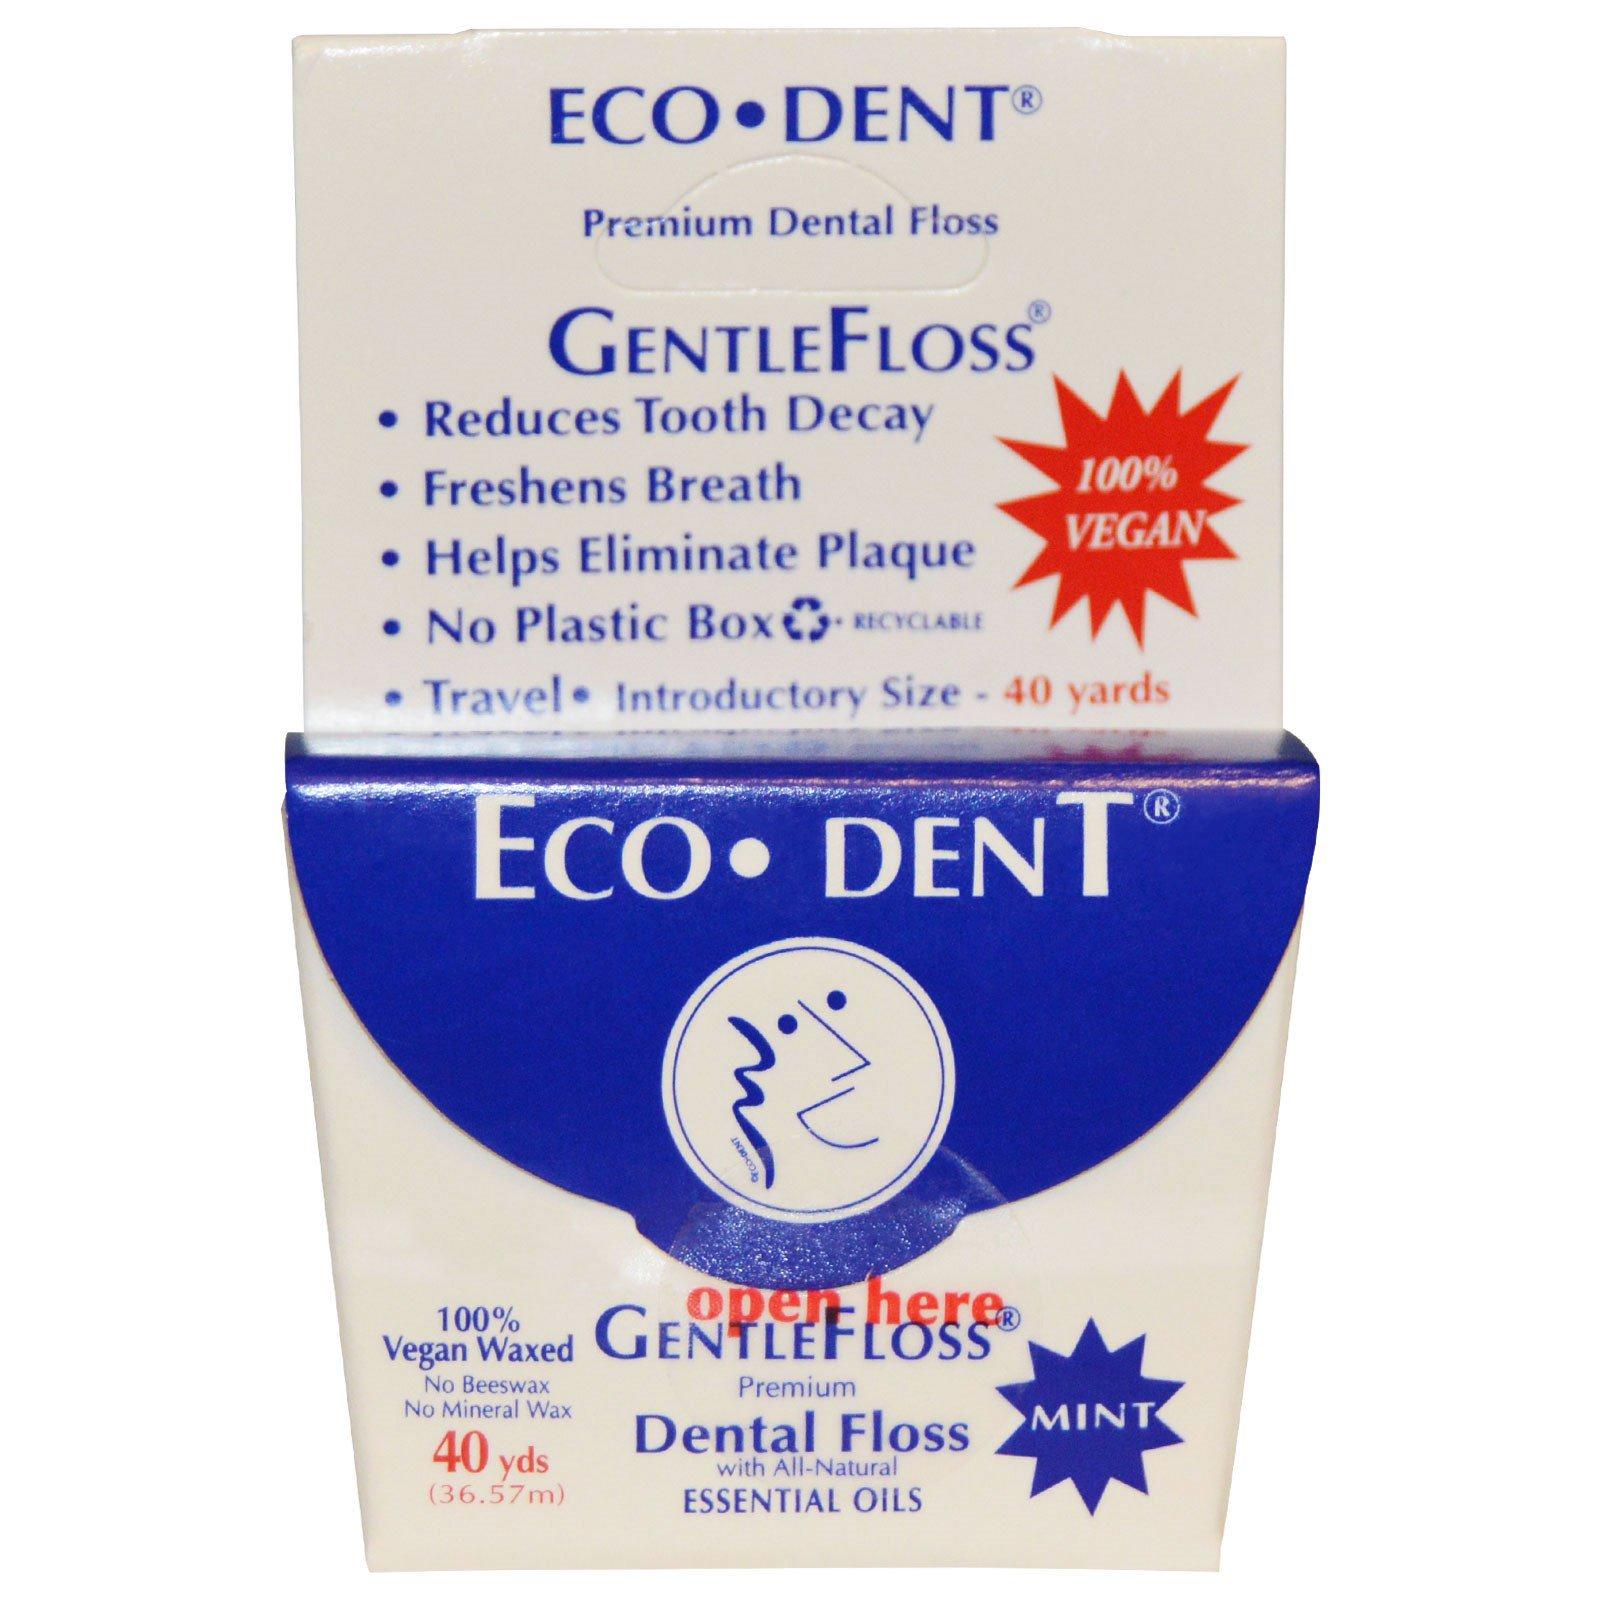 4c9a88a2c Eco-Dent